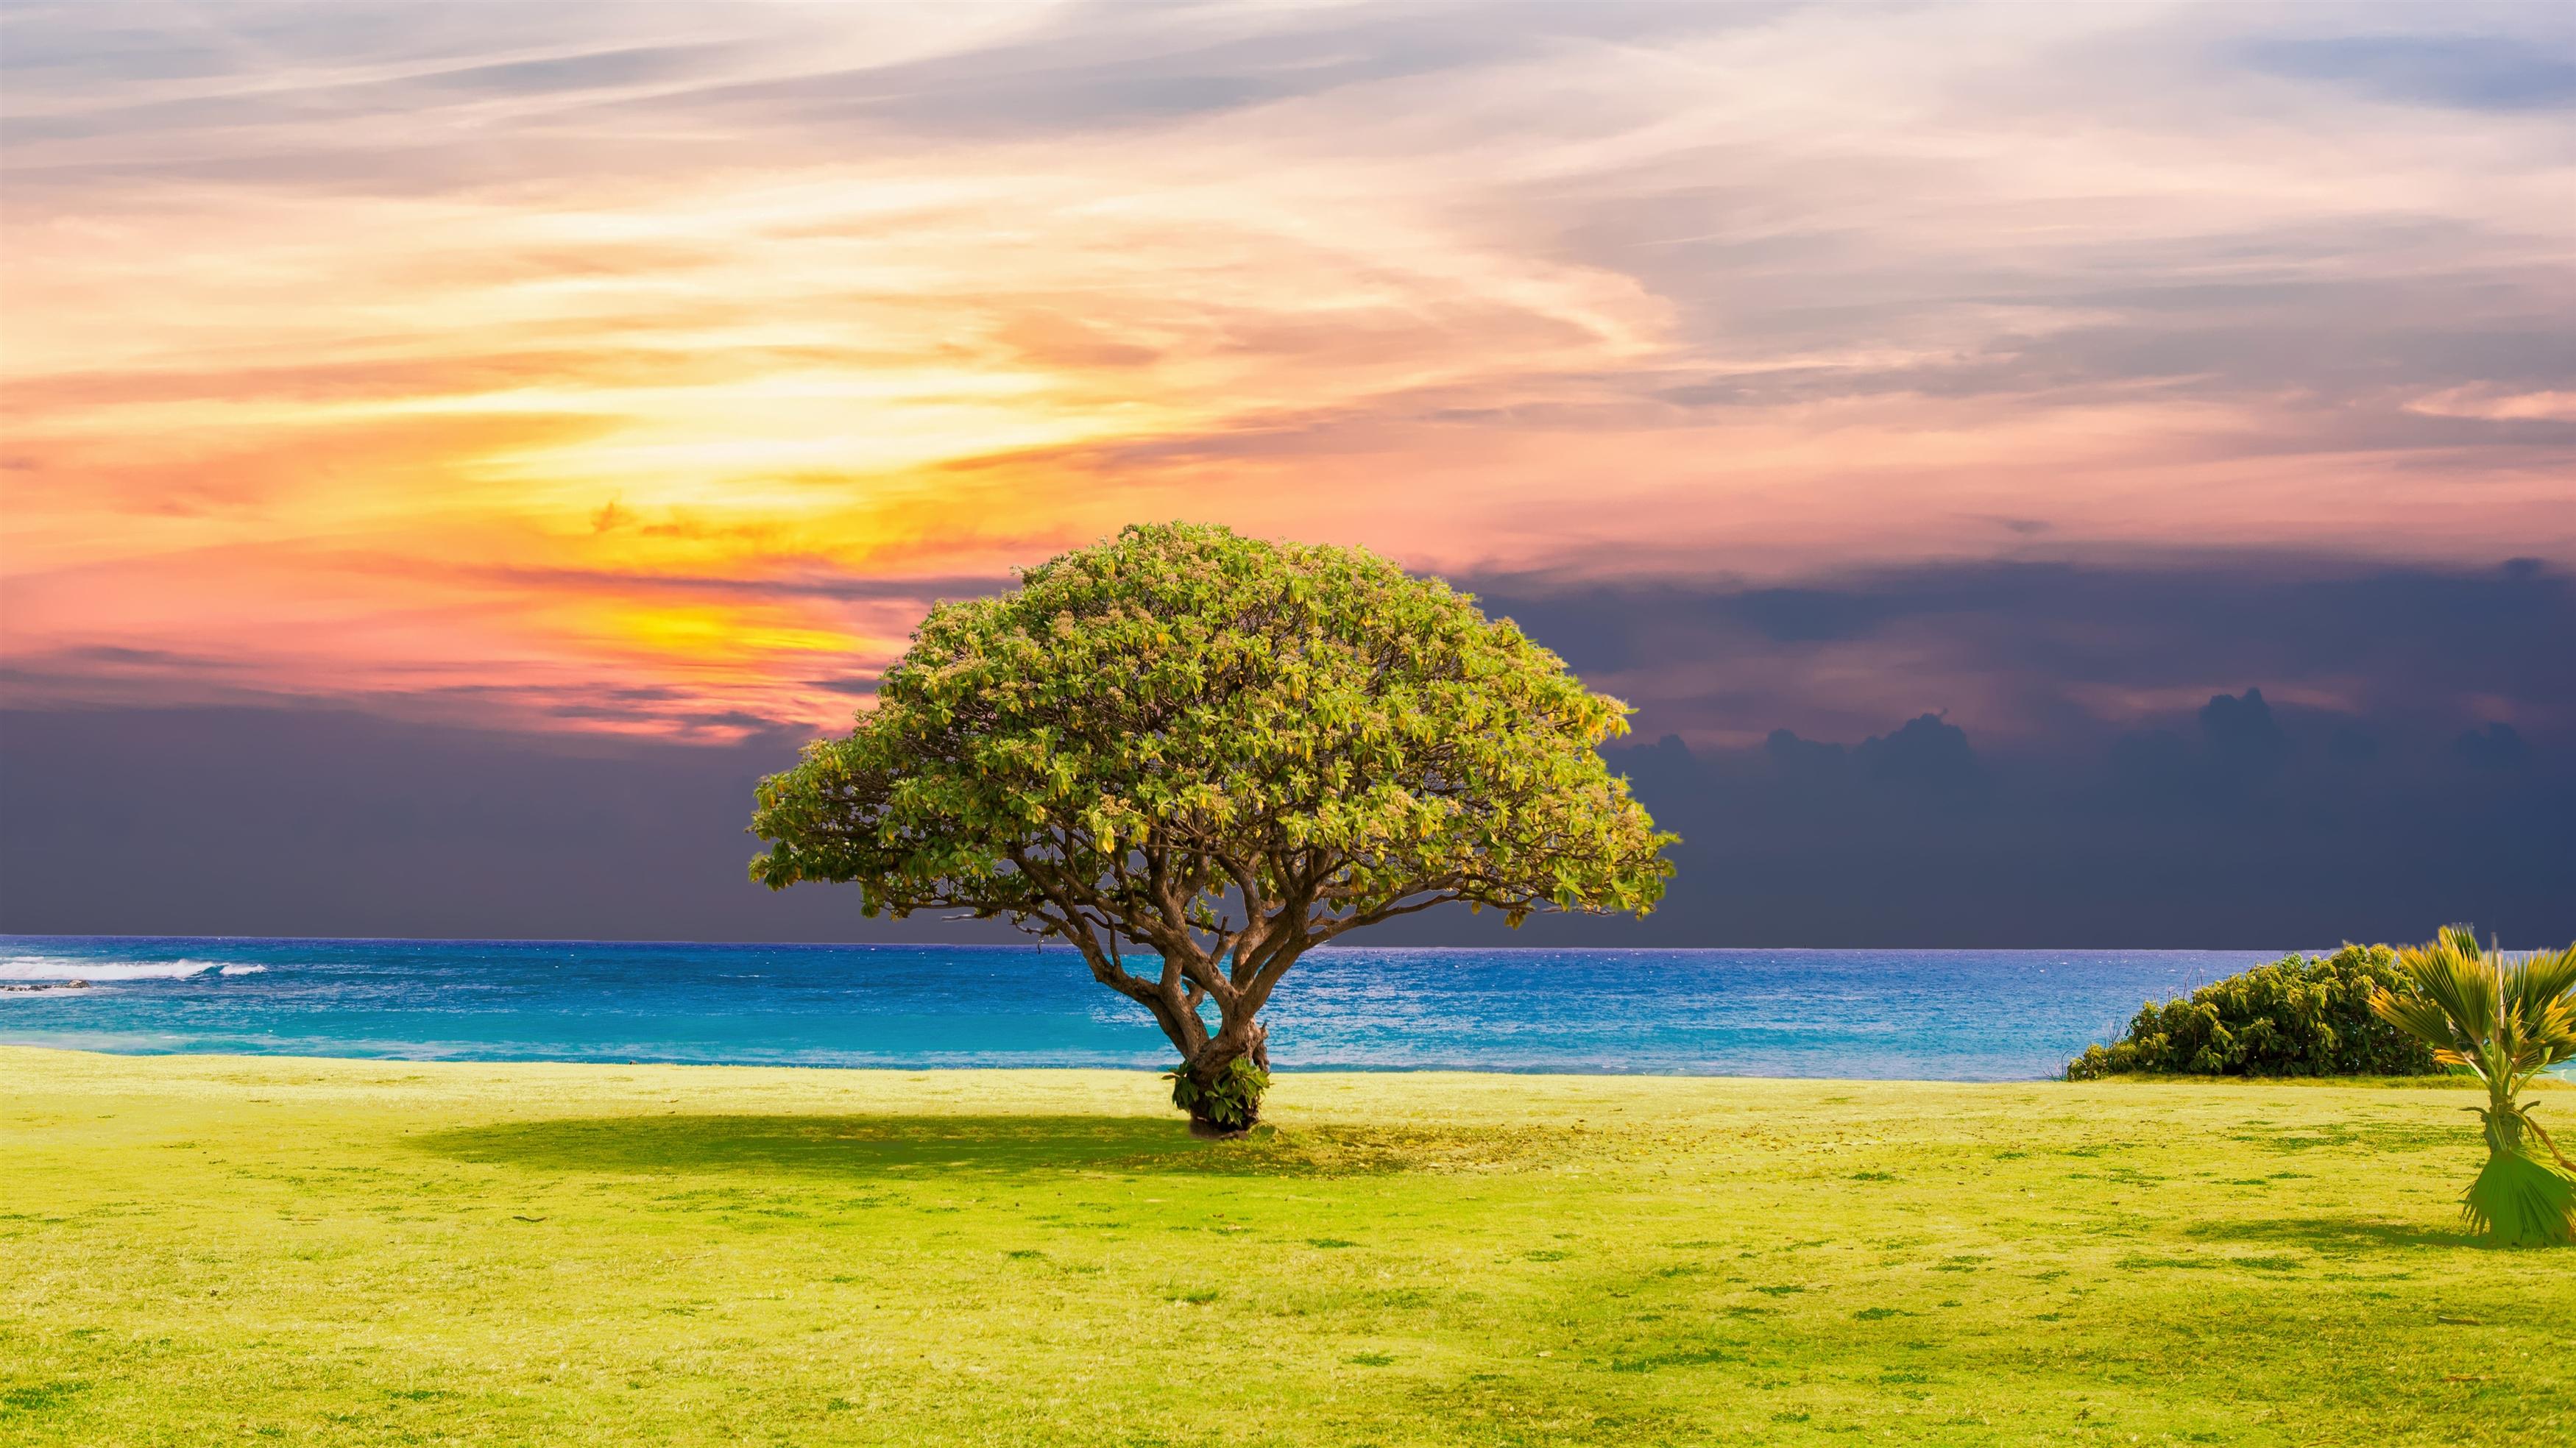 Дерево трава оушен Бич пейзаж обои скачать